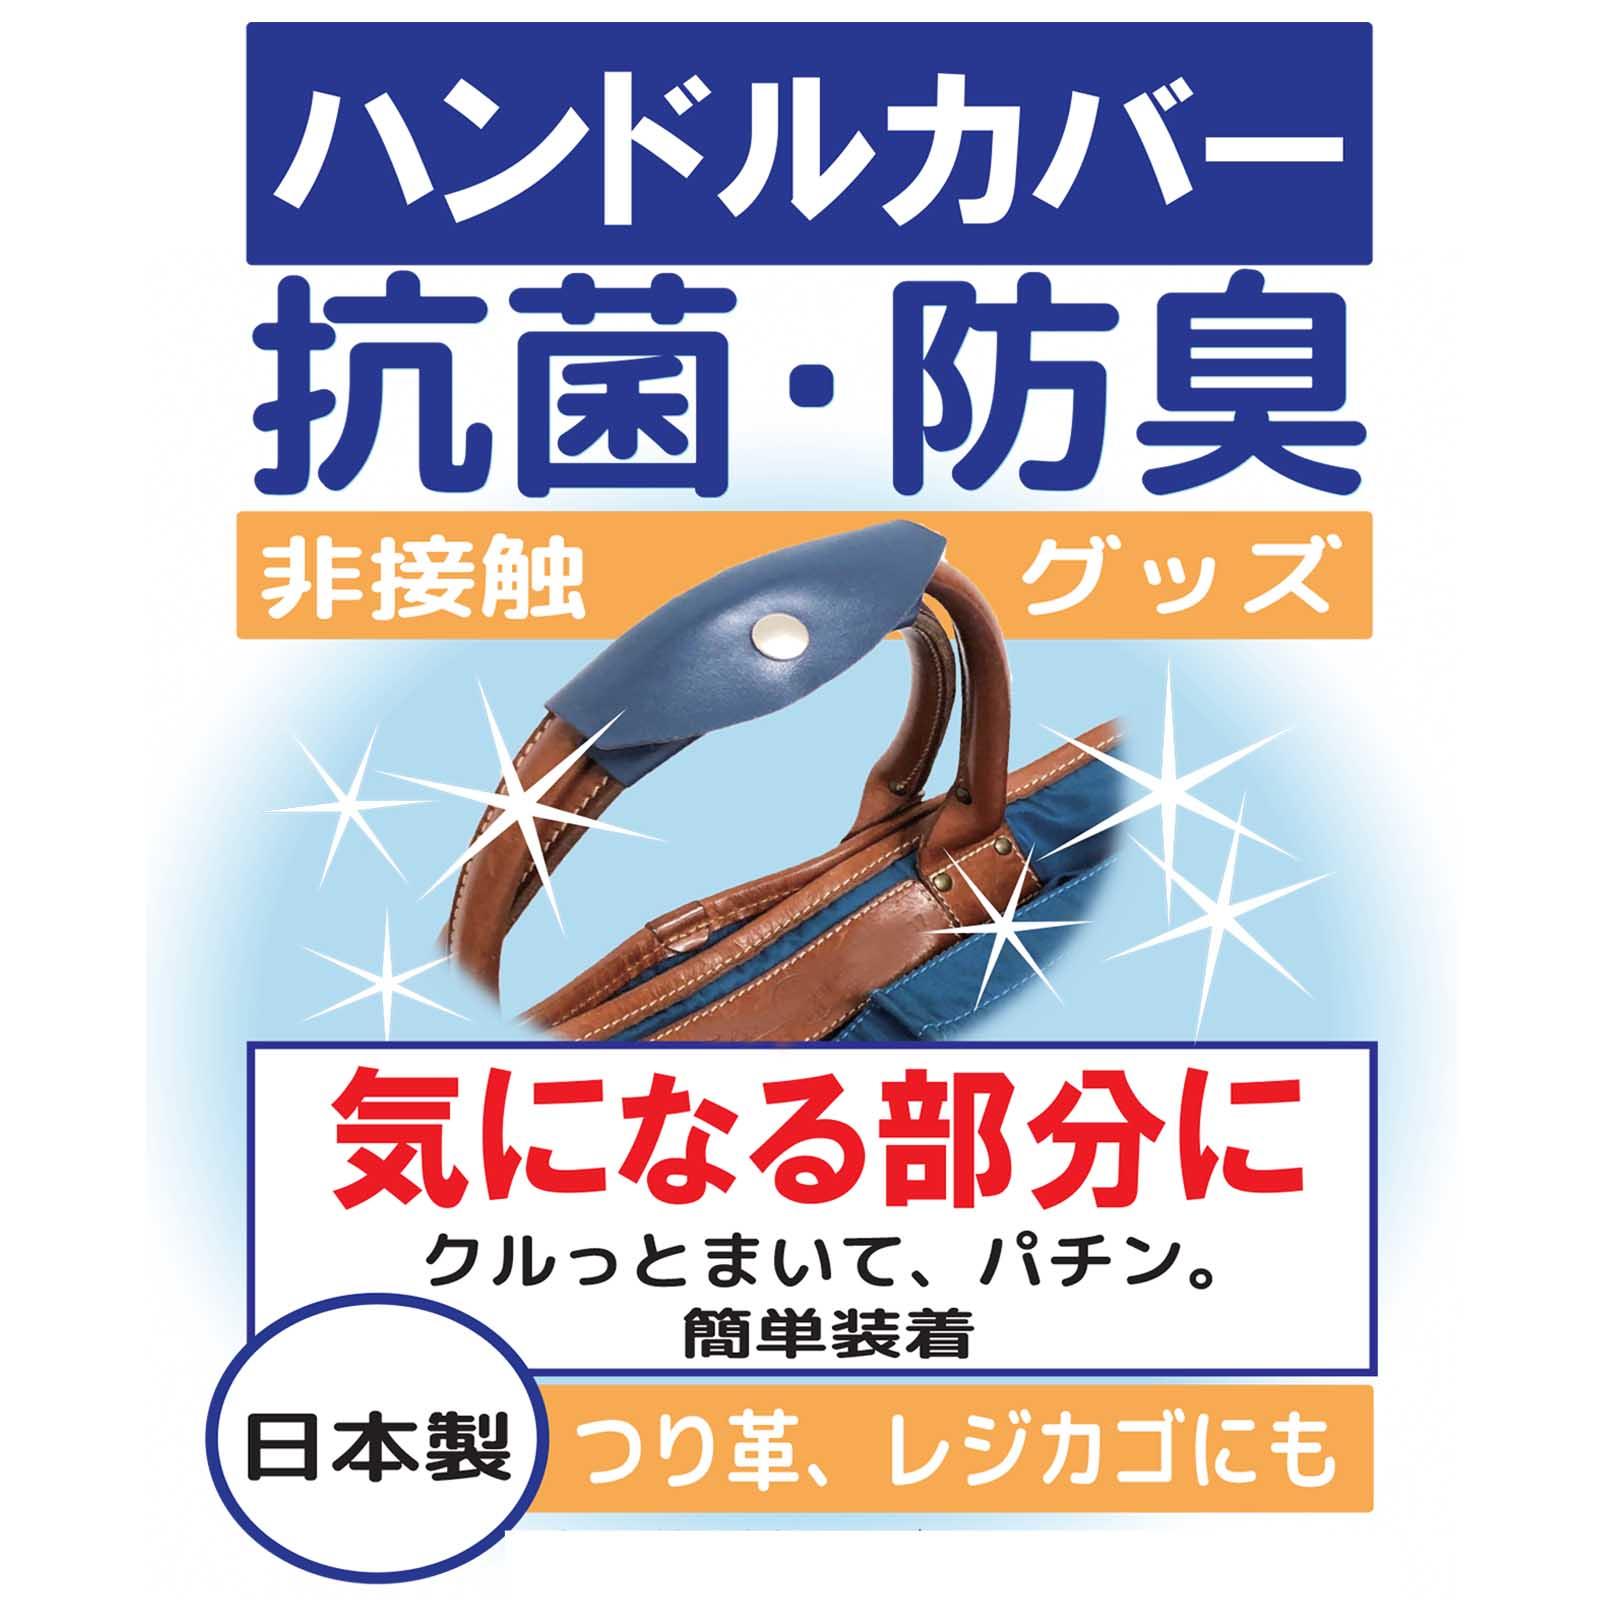 【抗菌防臭ハンドルカバー】(非接触アイテム:日本…